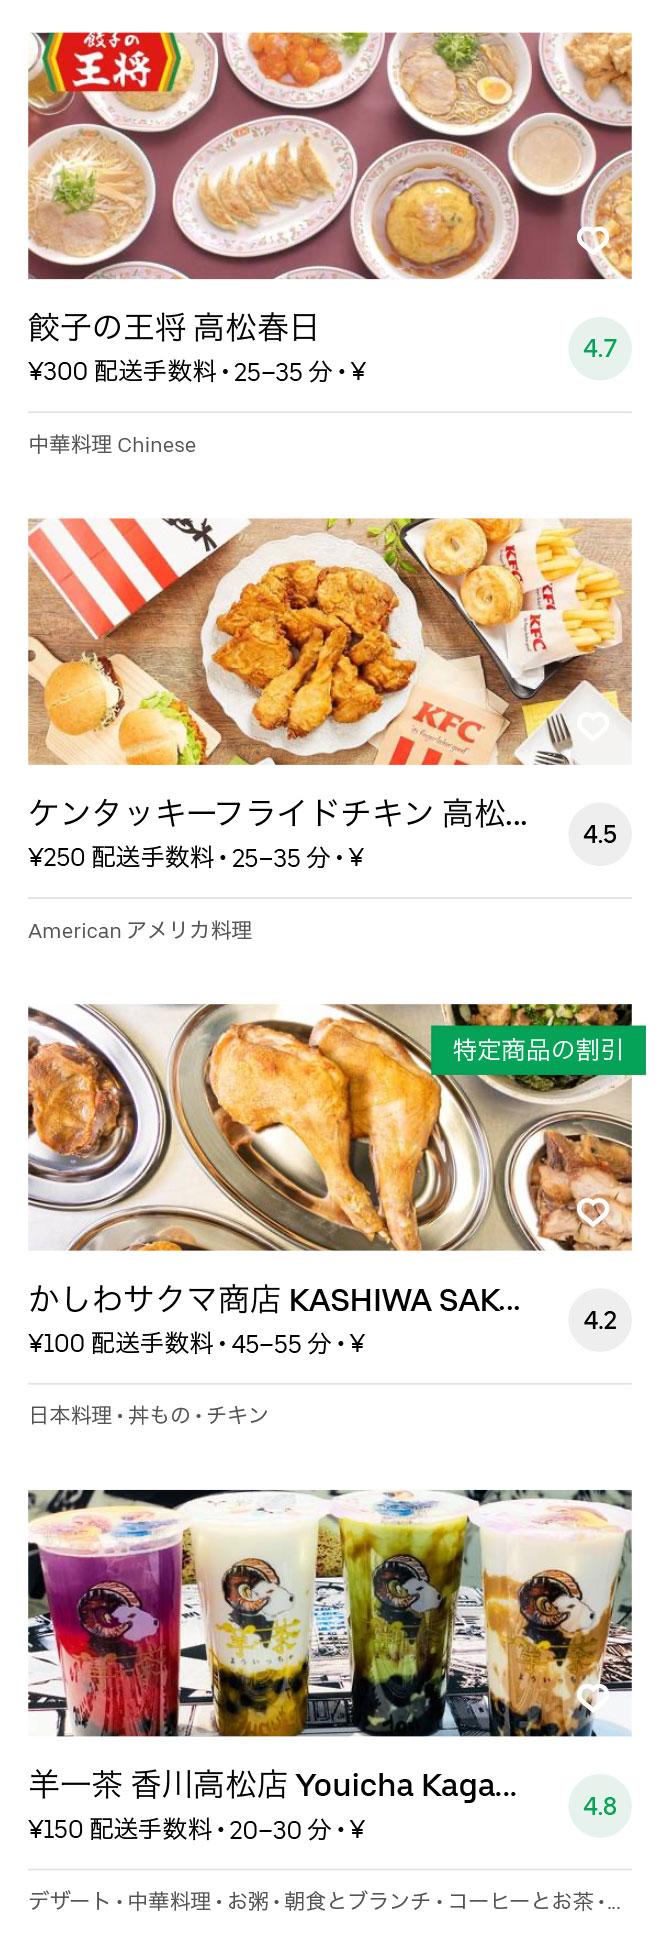 Katahara machi menu 2008 11